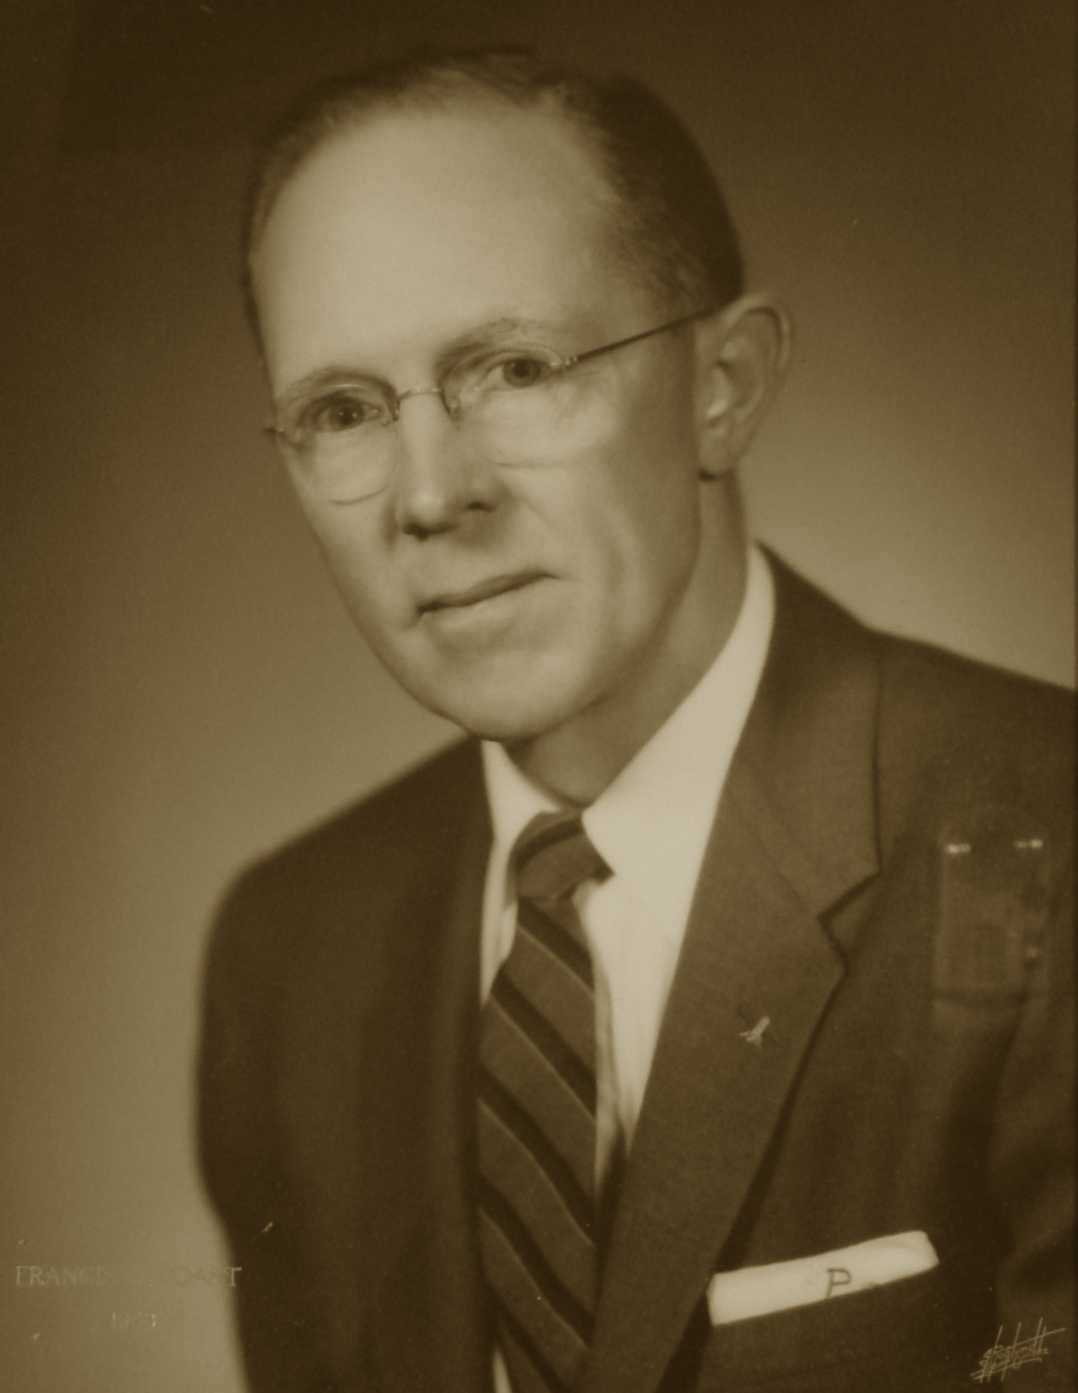 Frances W. Poast, 1958